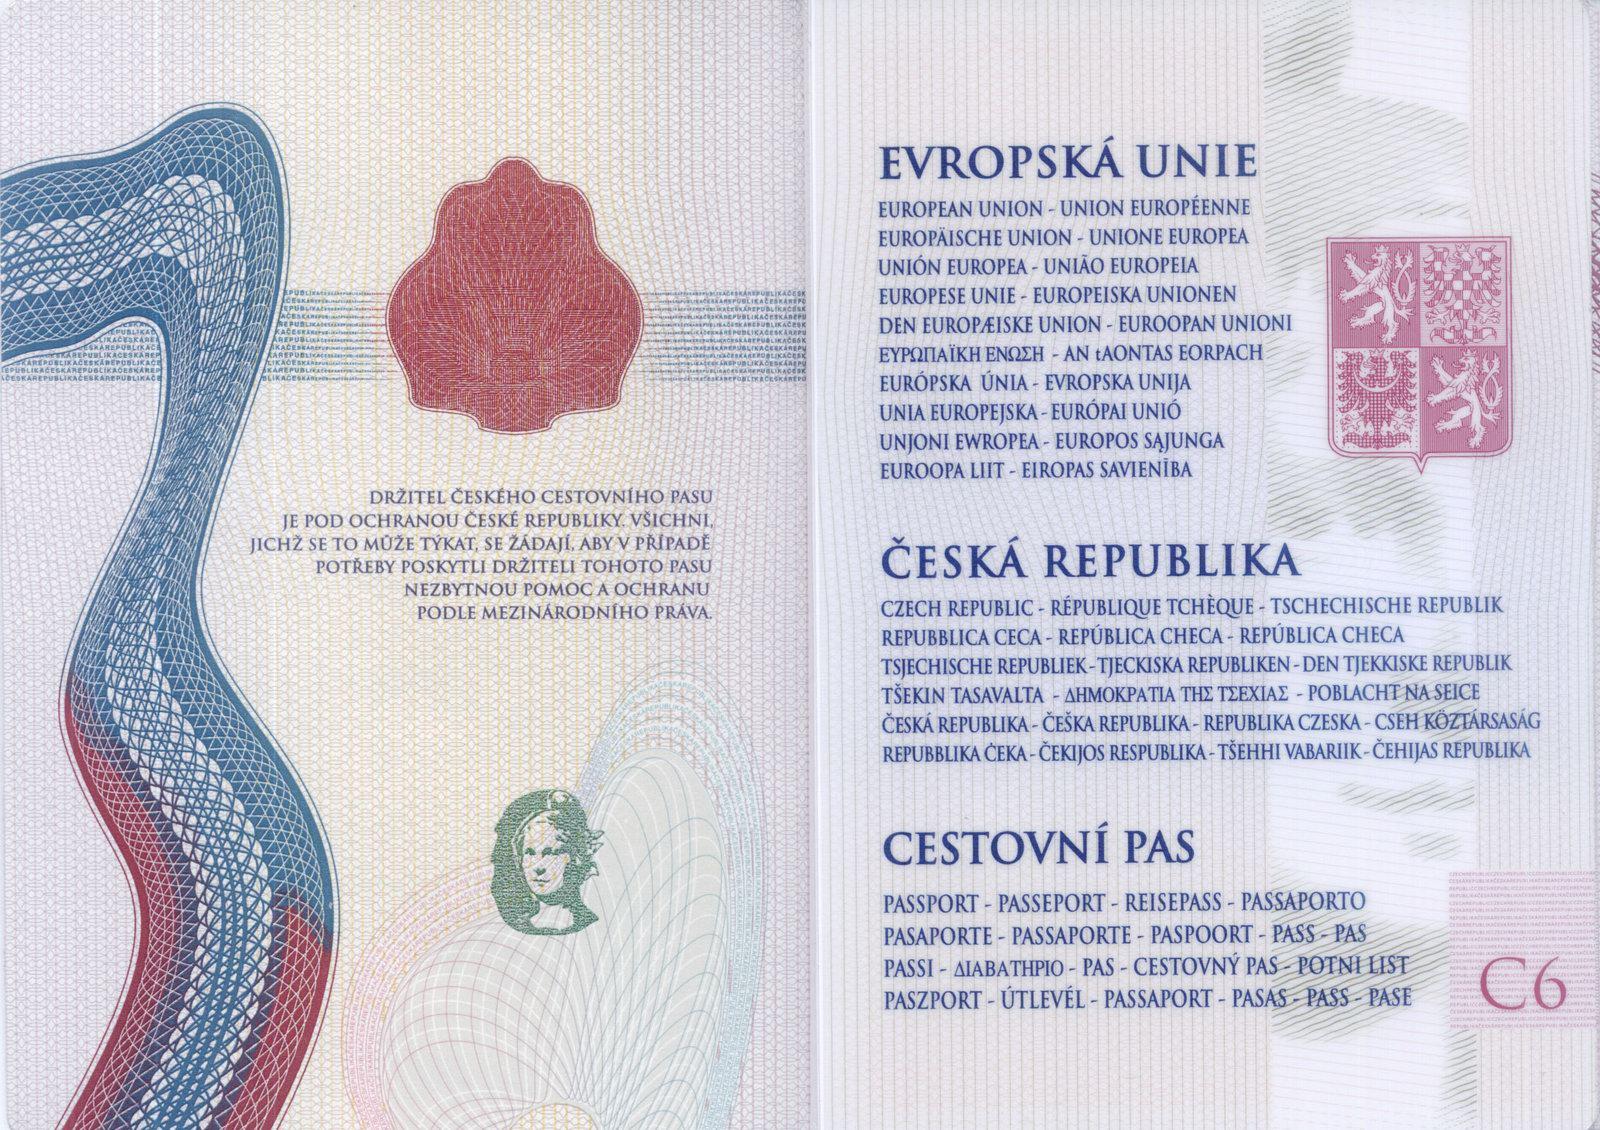 Czech Republic Passport